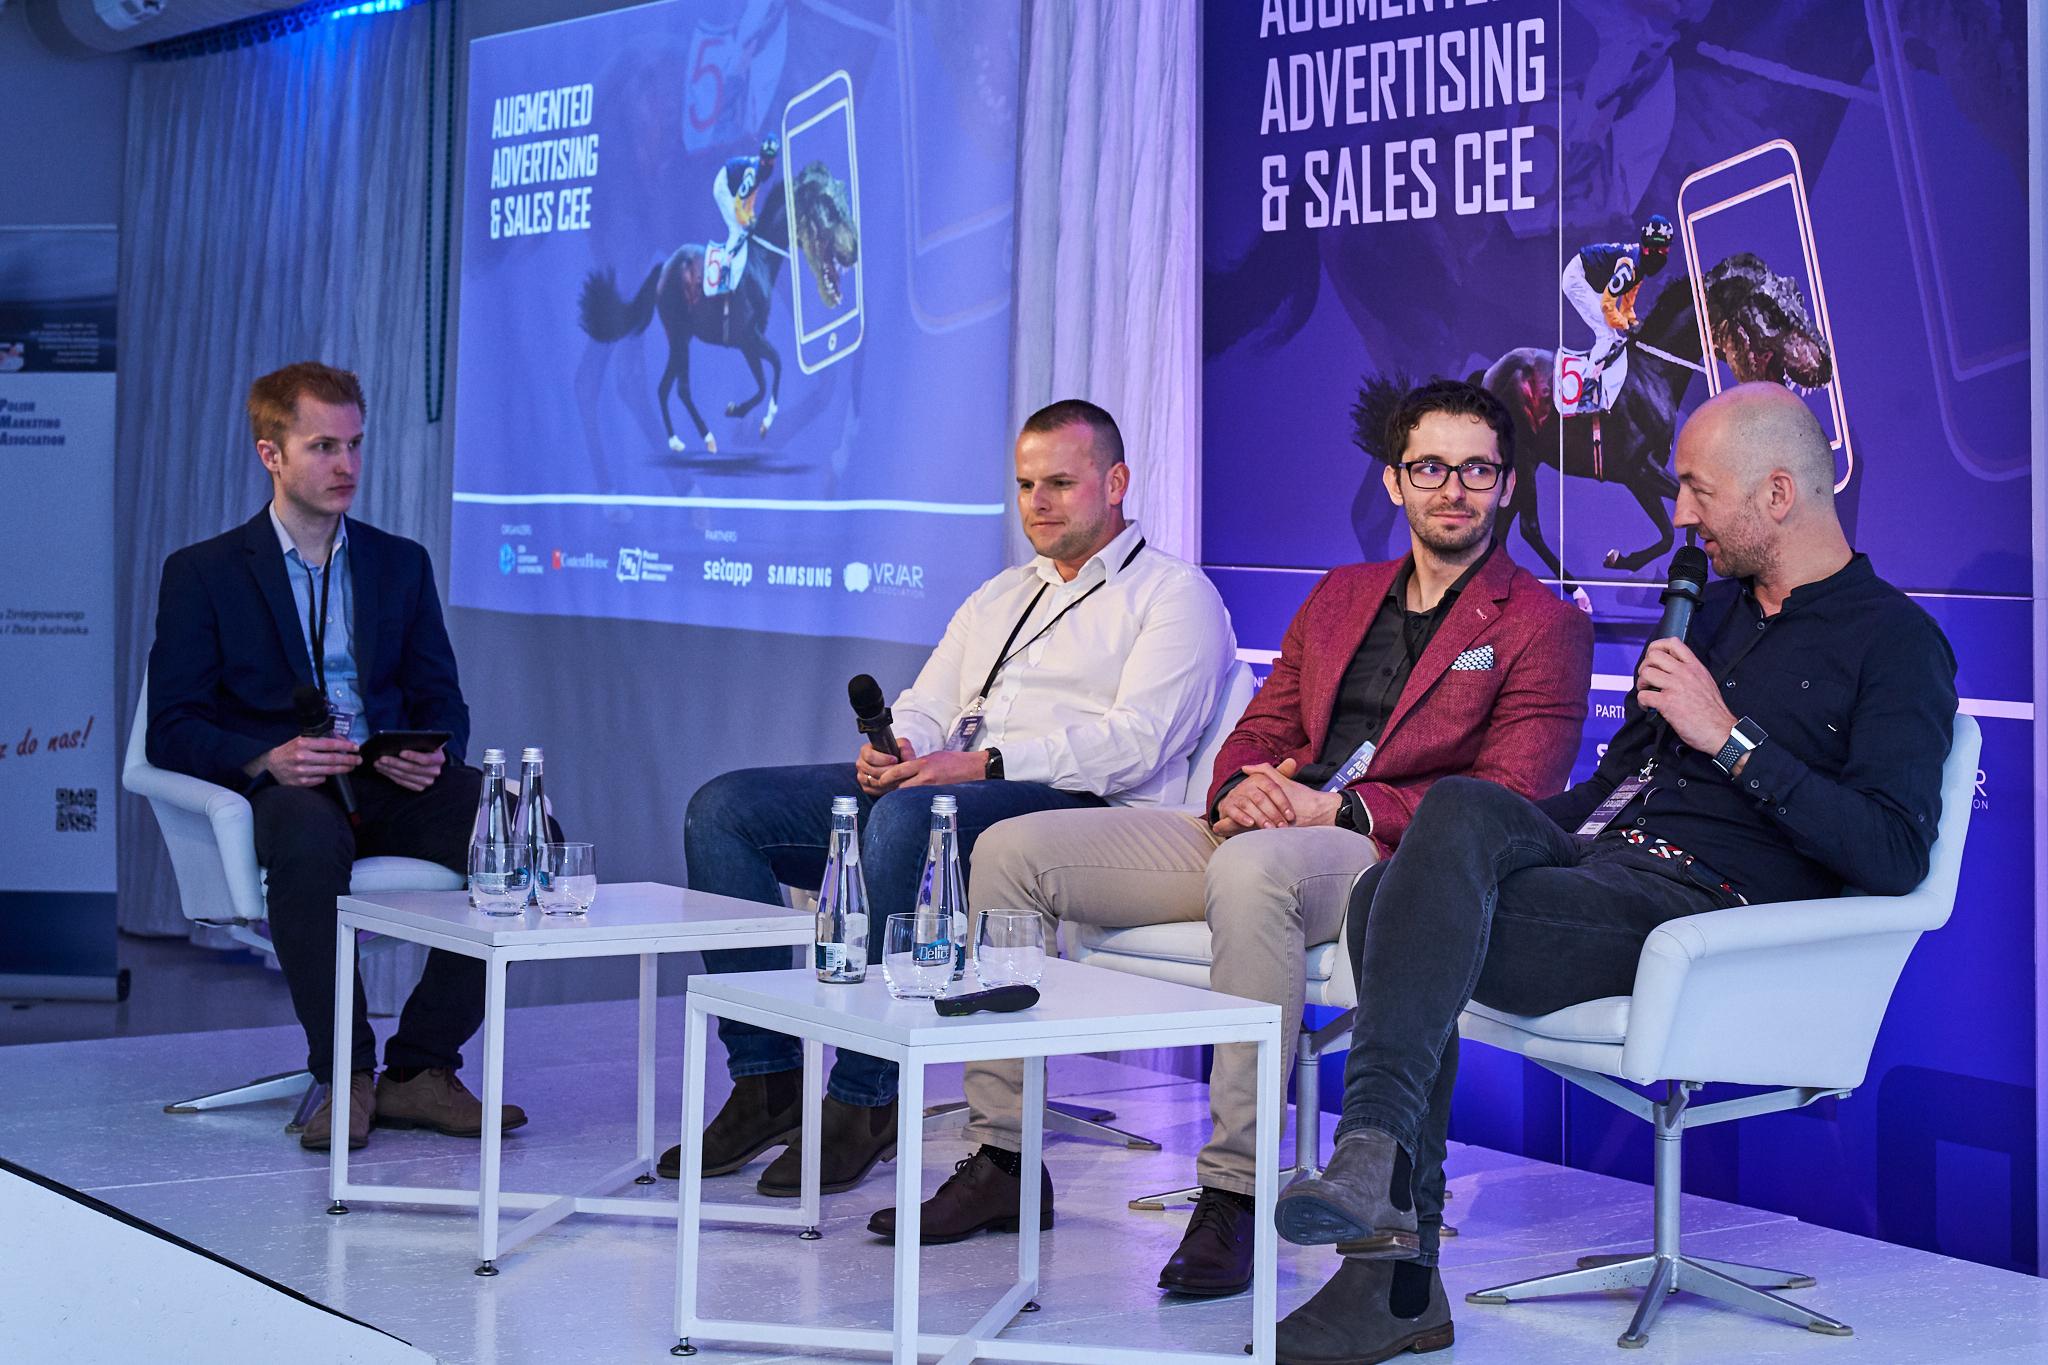 Przyszłość AR i VR w handlu. Za nami Augmented Advertising & Sales CEE, Komerso.pl